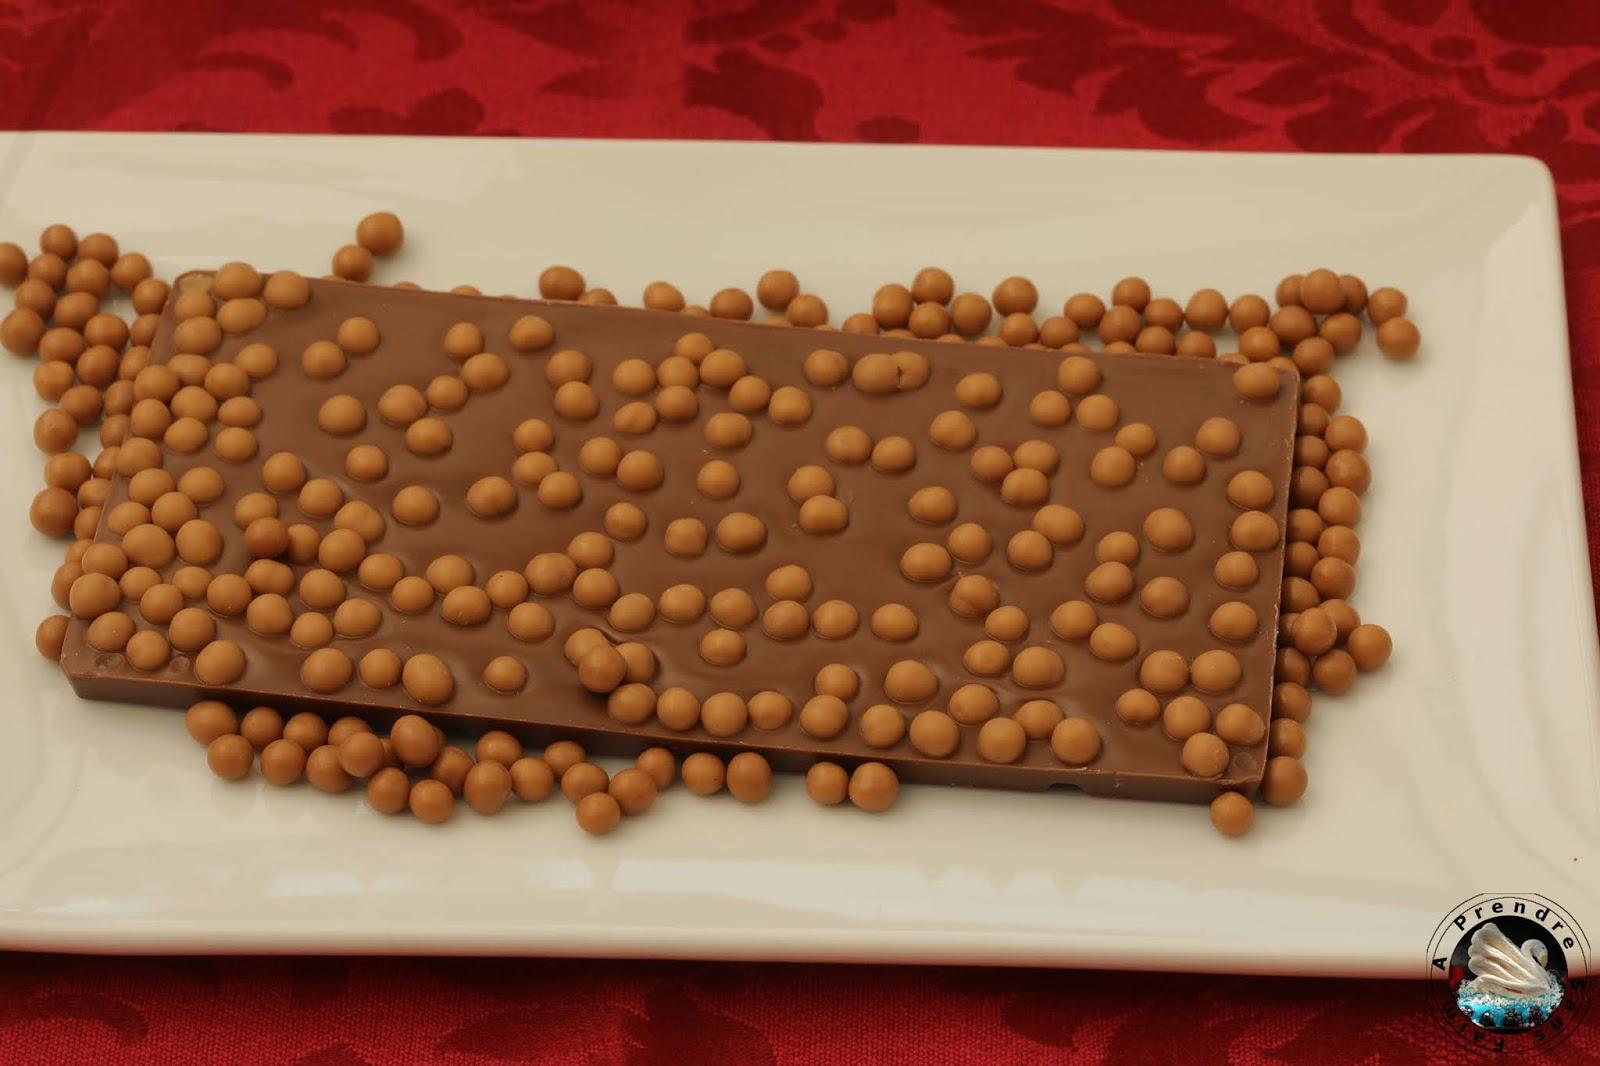 Tablette de chocolat au lait aux billes de céréales caramel au beurre salé